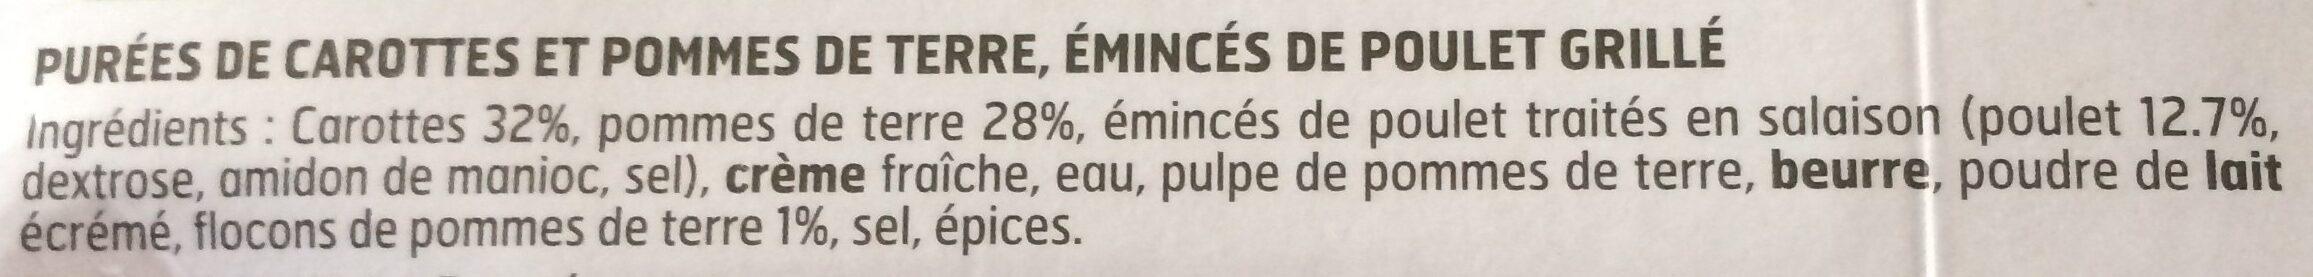 Émincés de poulet grillé et duo de purées - Ingrédients - fr